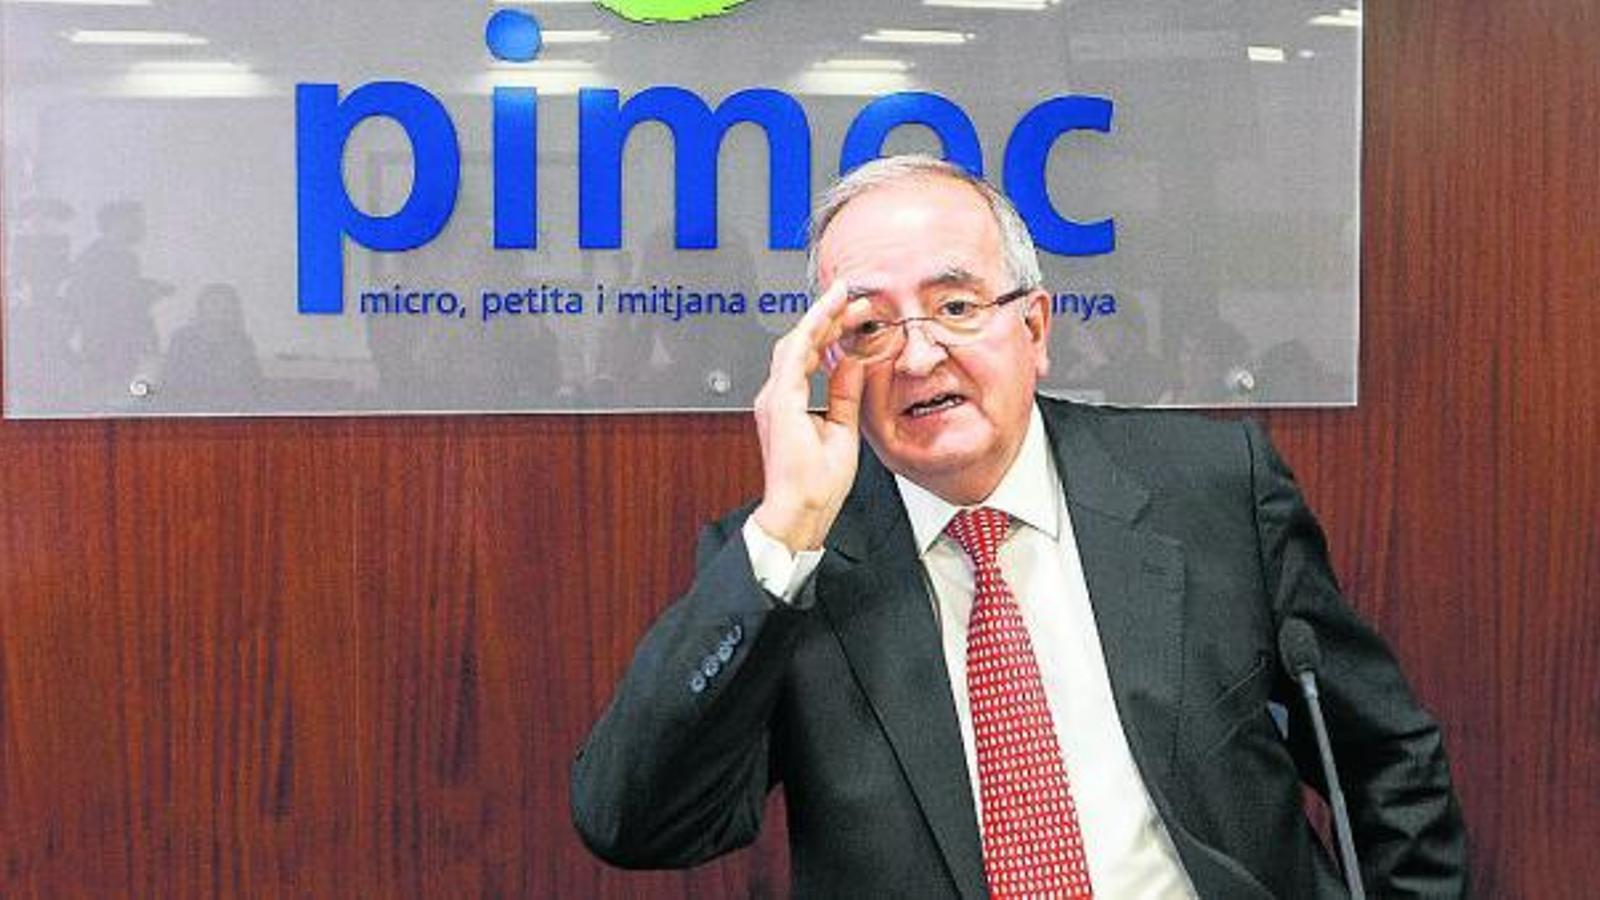 La Pimec creu que un forat legal pot retardar el pagament a proveïdors